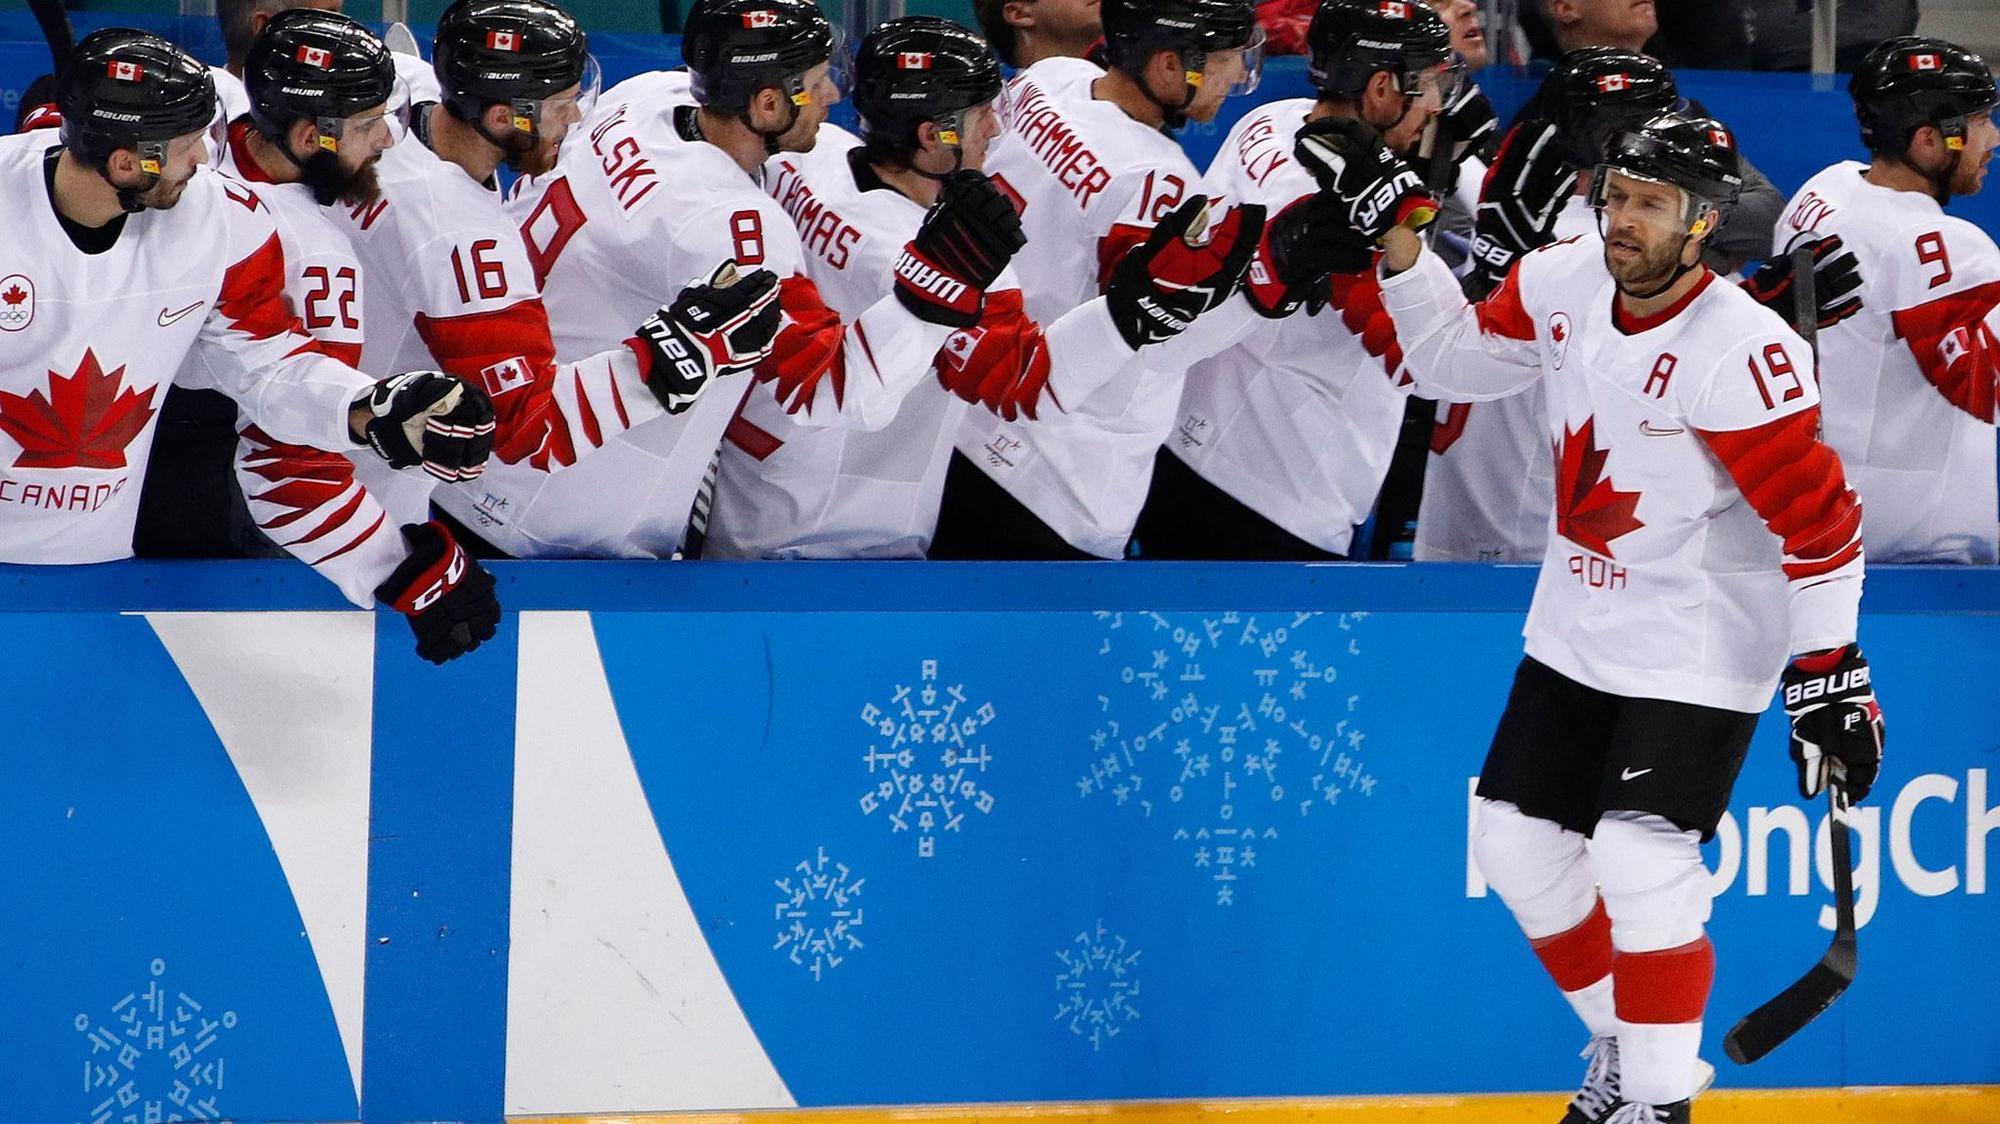 Znalezione obrazy dla zapytania pyeongchang 2018 ice hockey bronze medal canada czech republic andrew ebbett